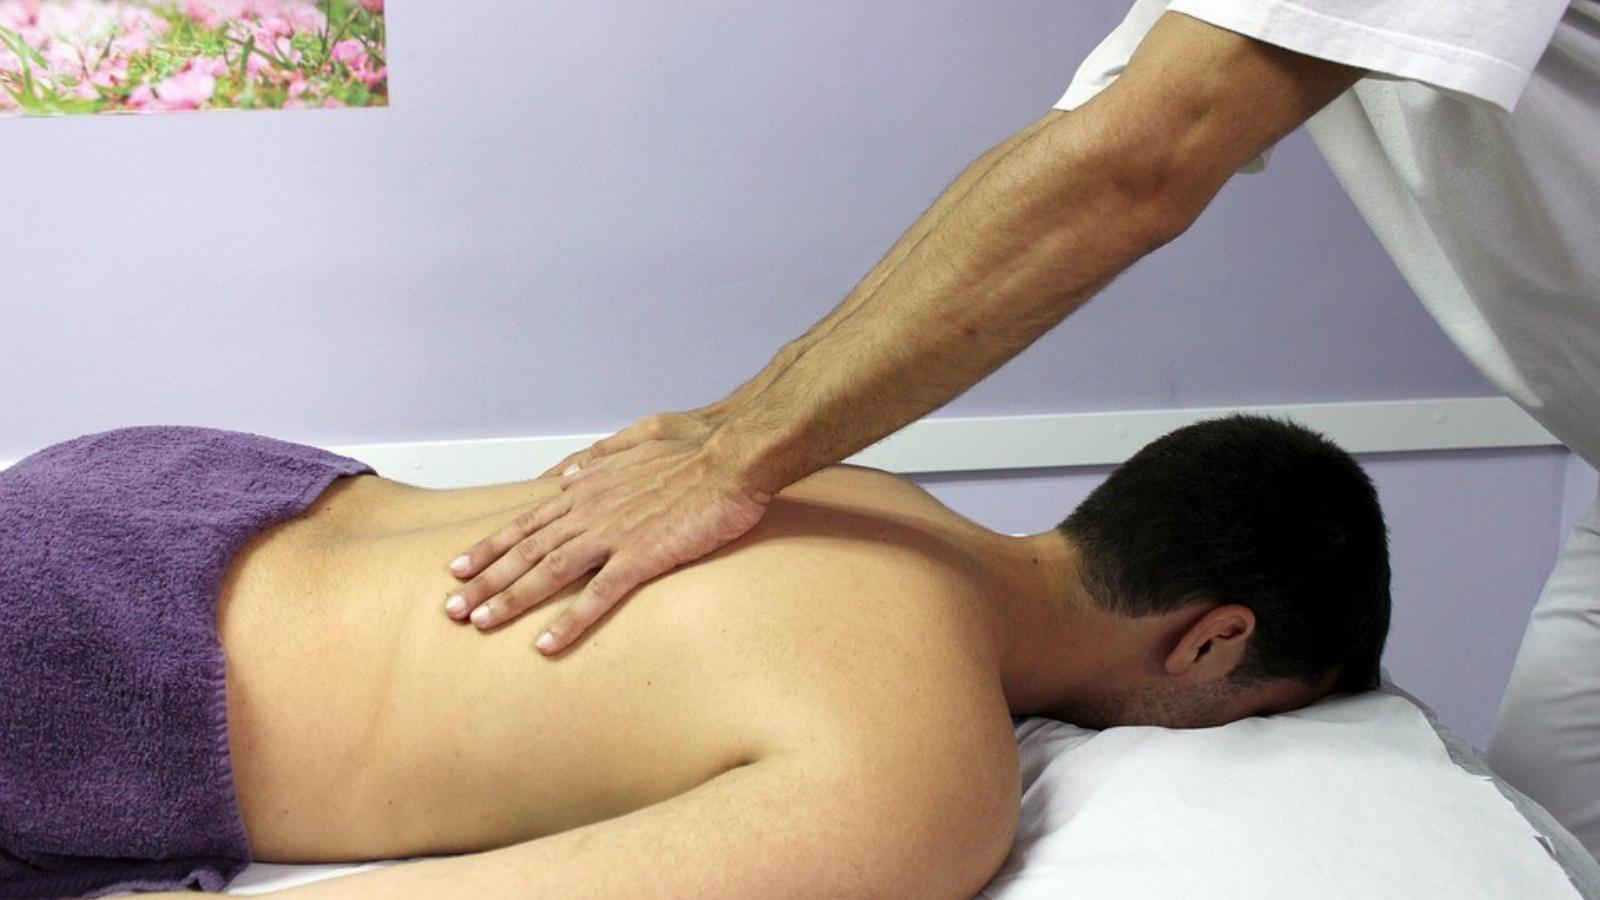 Kézi terapeuta - Masszázs -